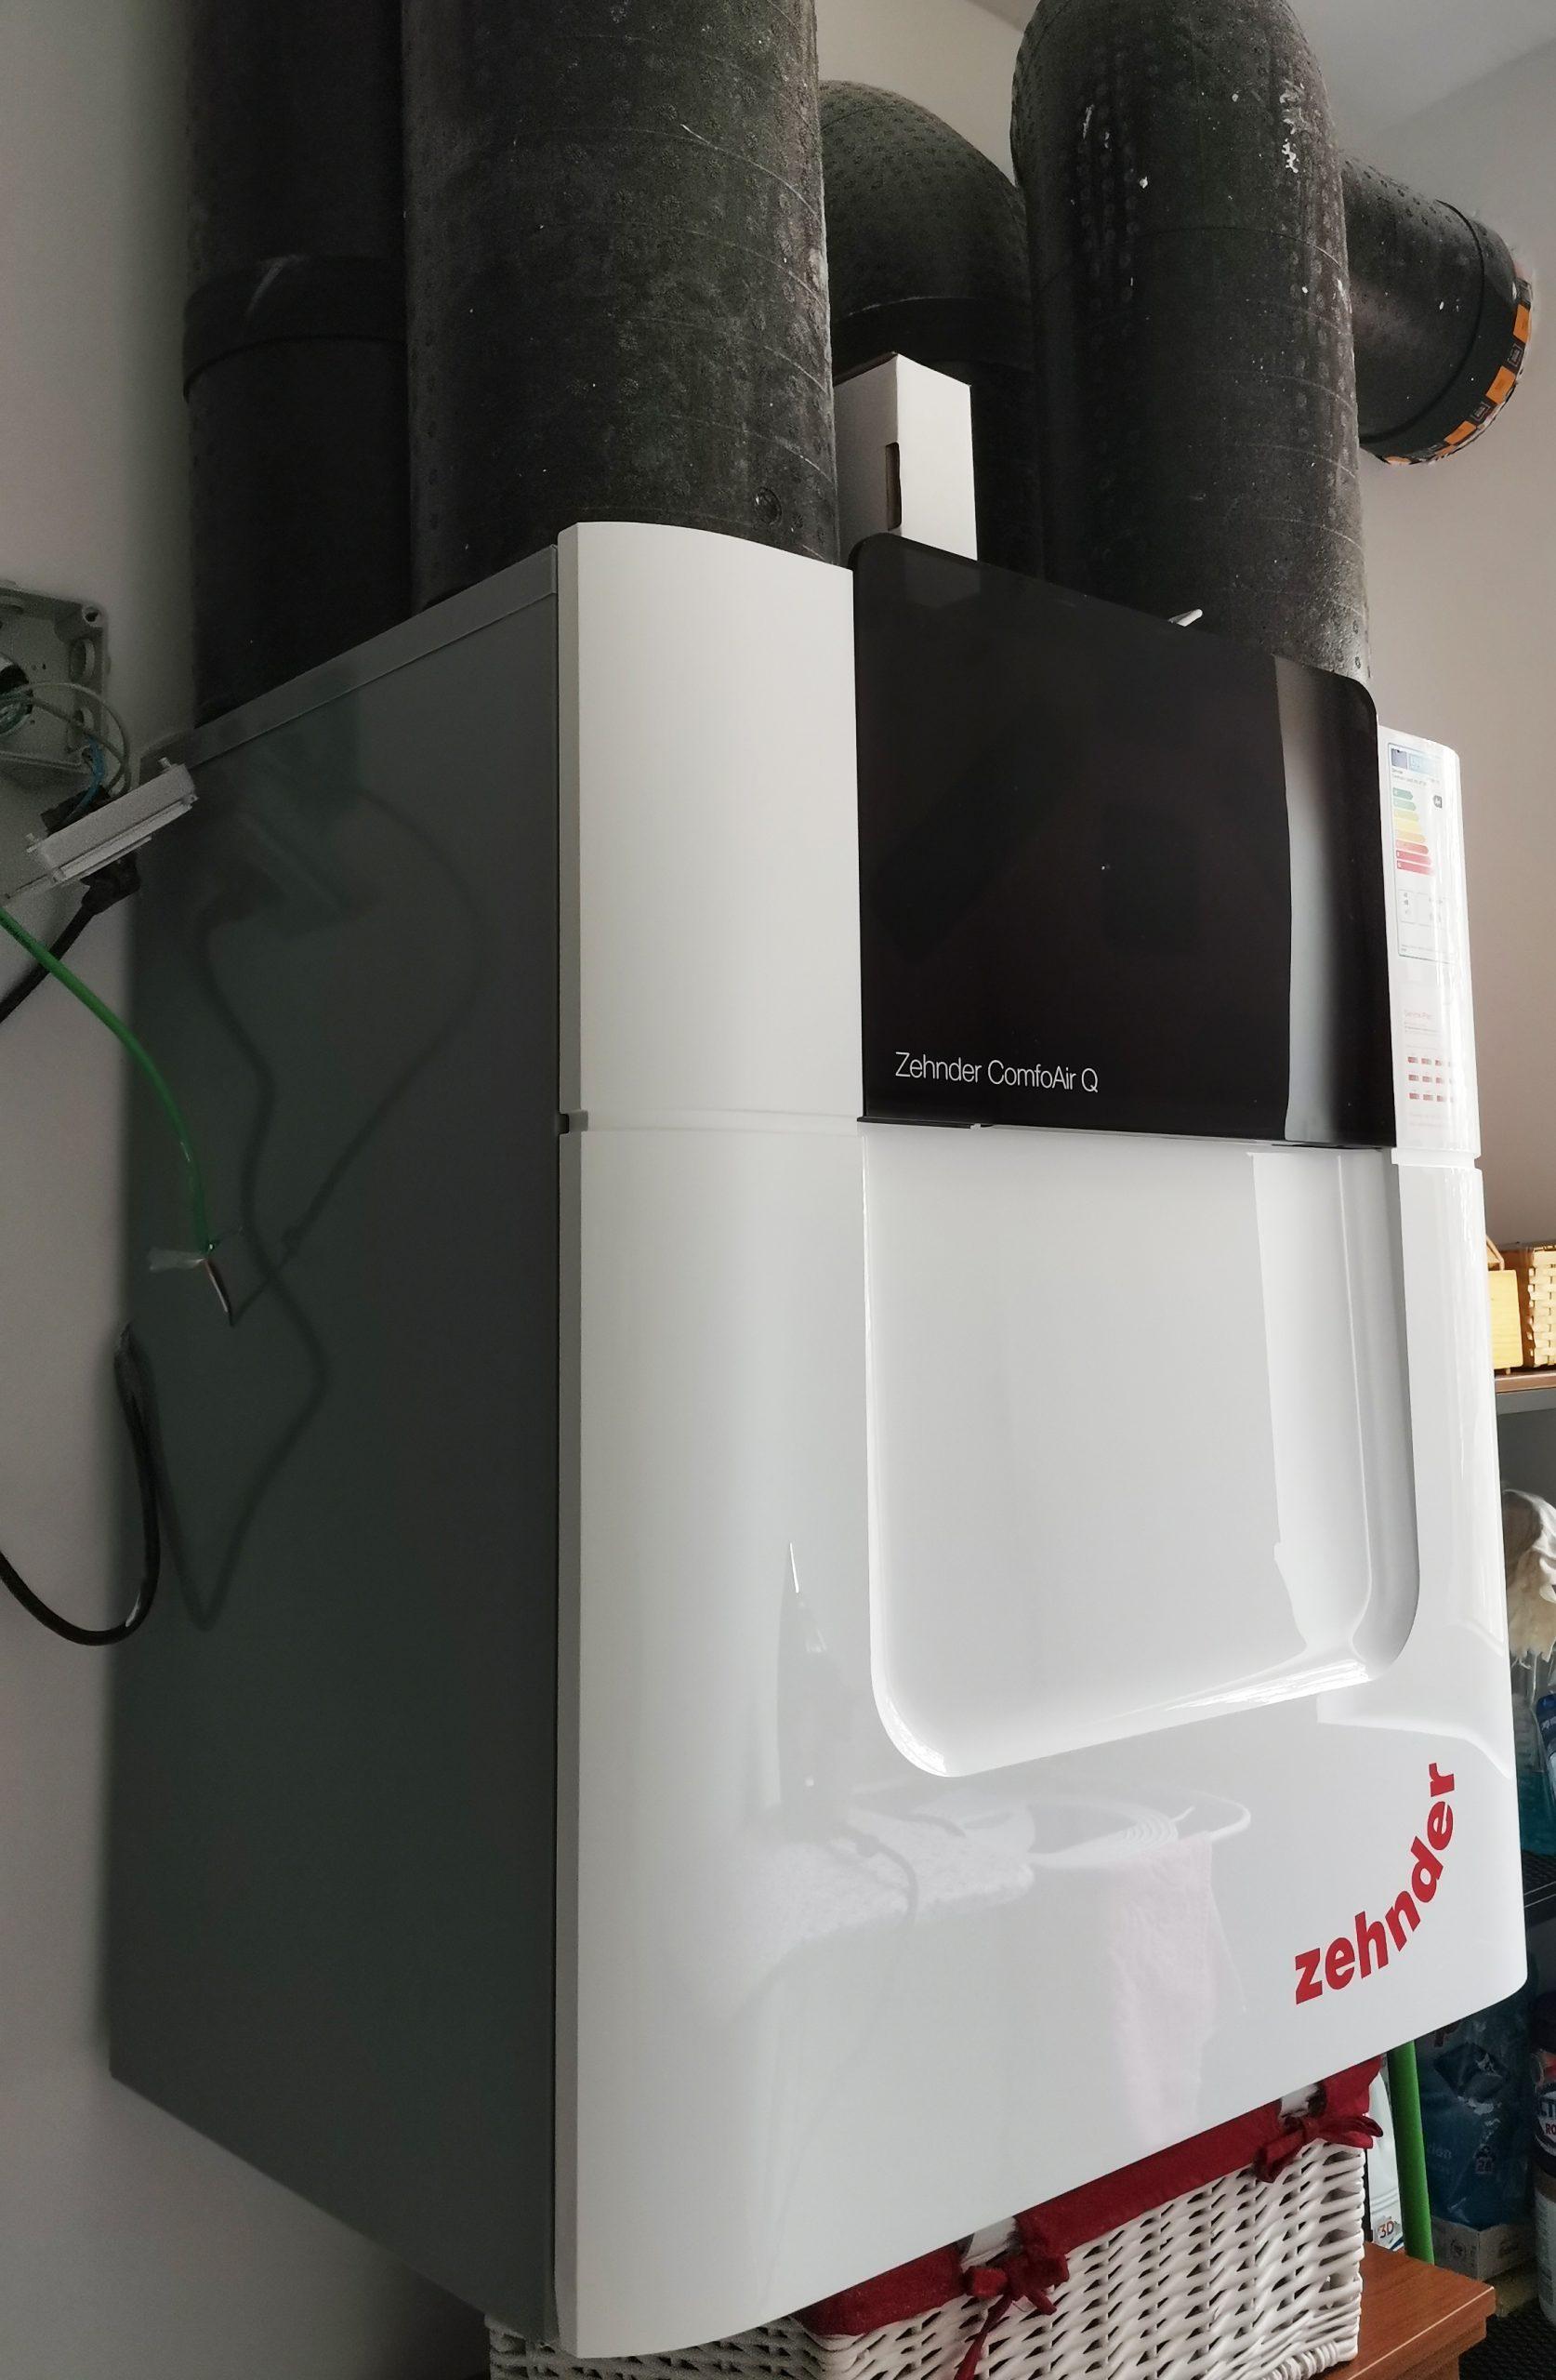 Ahorrar en factura eléctrica con los electrodomésticos